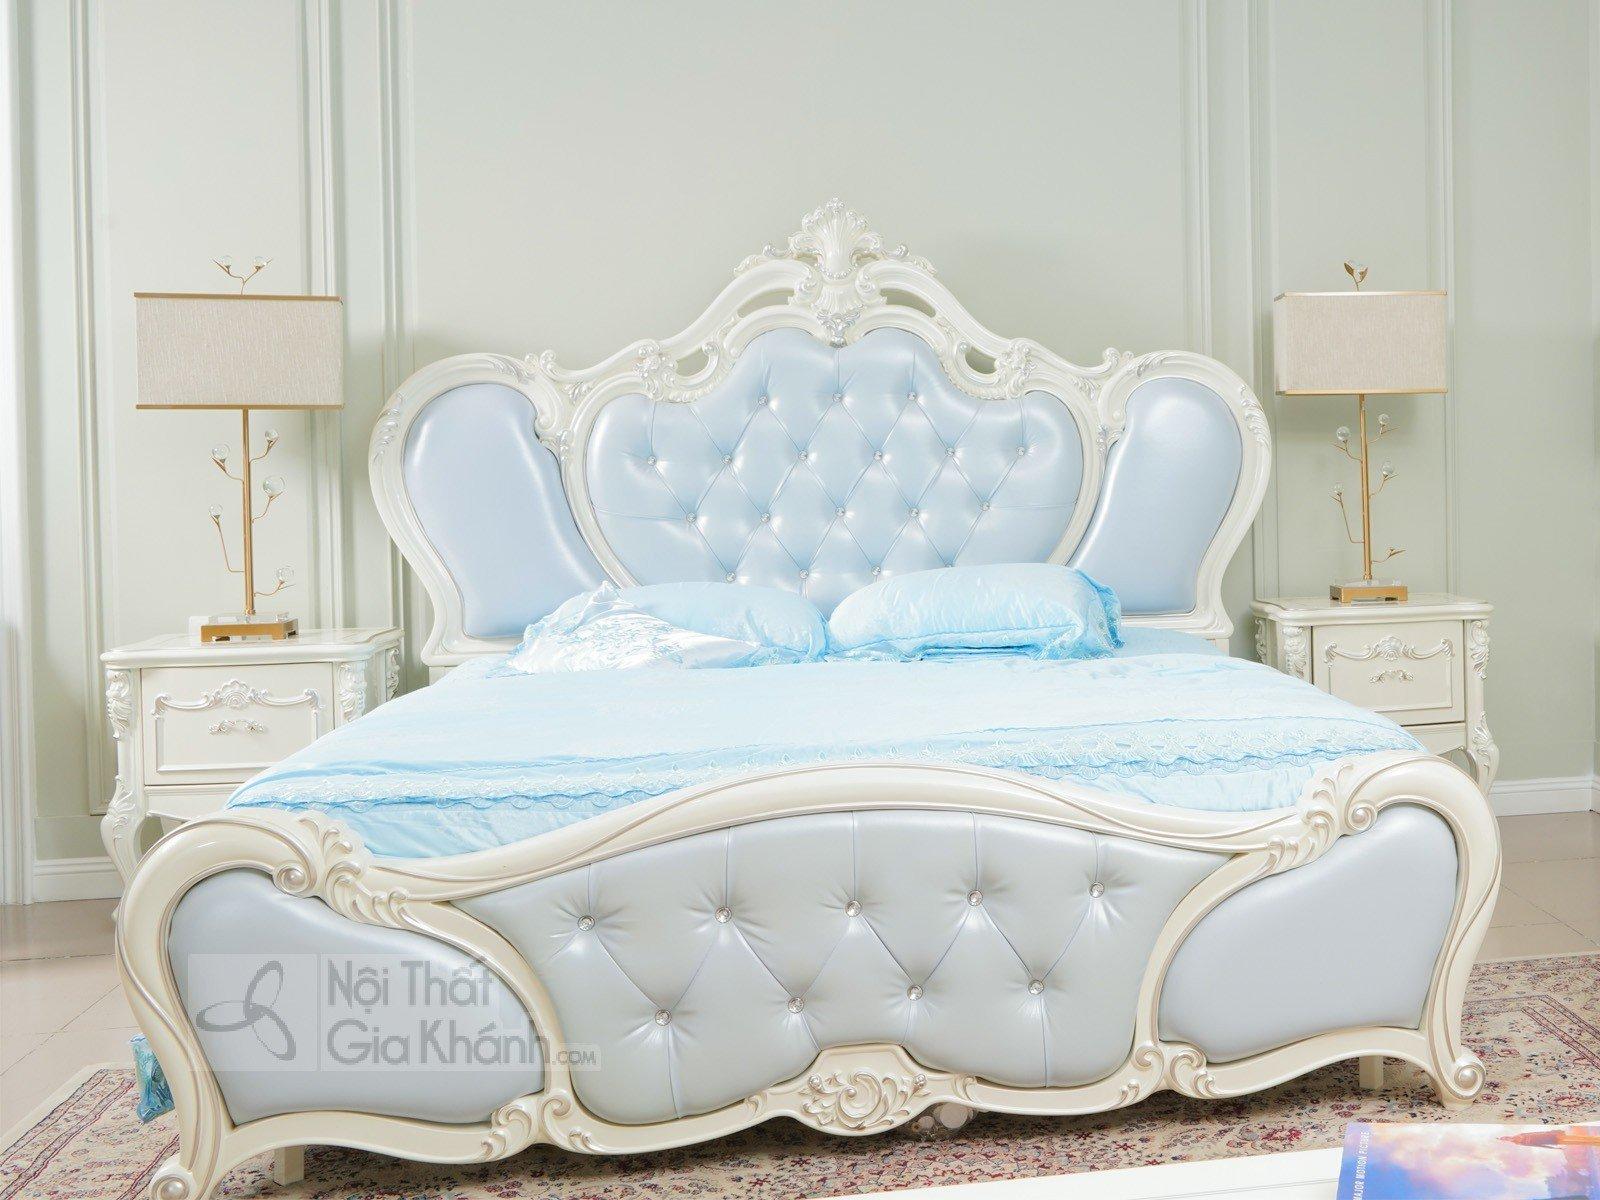 Giường Ngủ Tân Cổ Điển Nhập Khẩu H8809Al